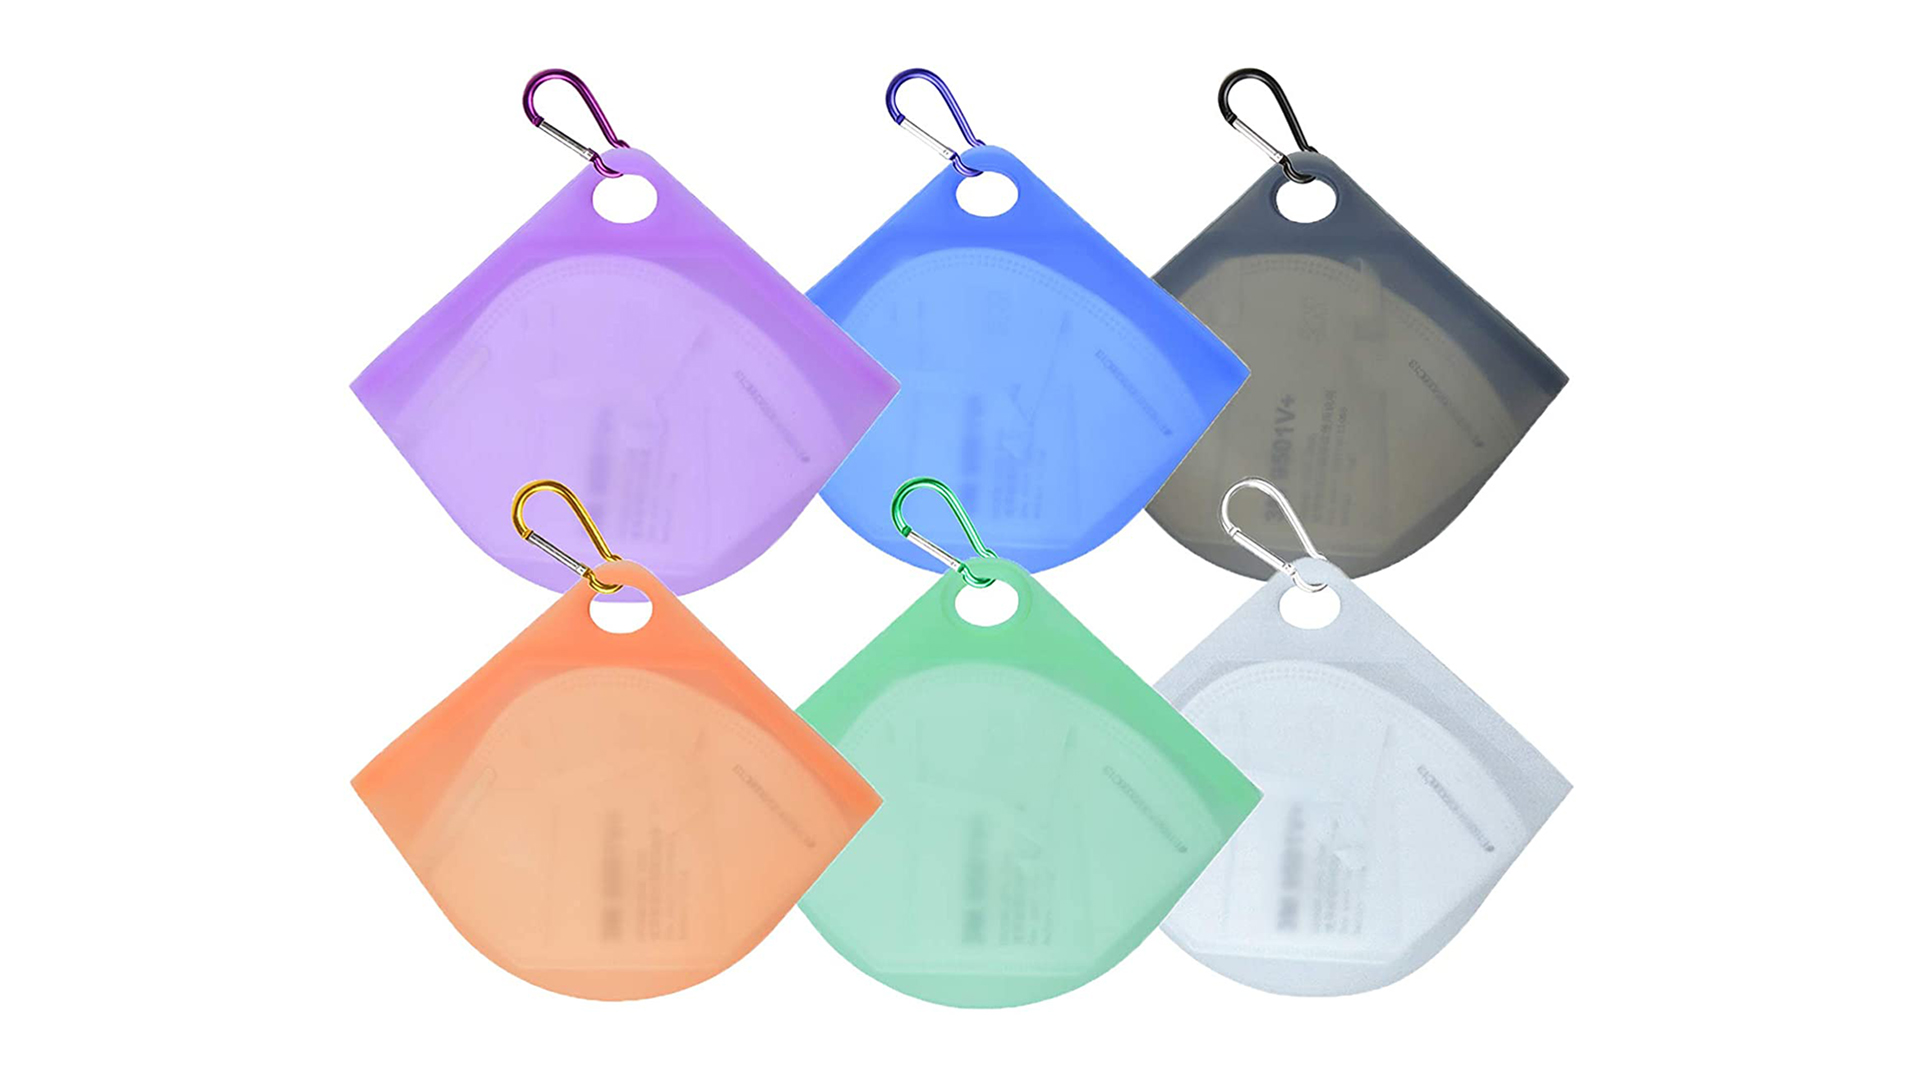 경량 운반 실리콘 페이스 마스크 저장 케이스 세탁 가능한 다용도 저장 용기 DH - 실리콘